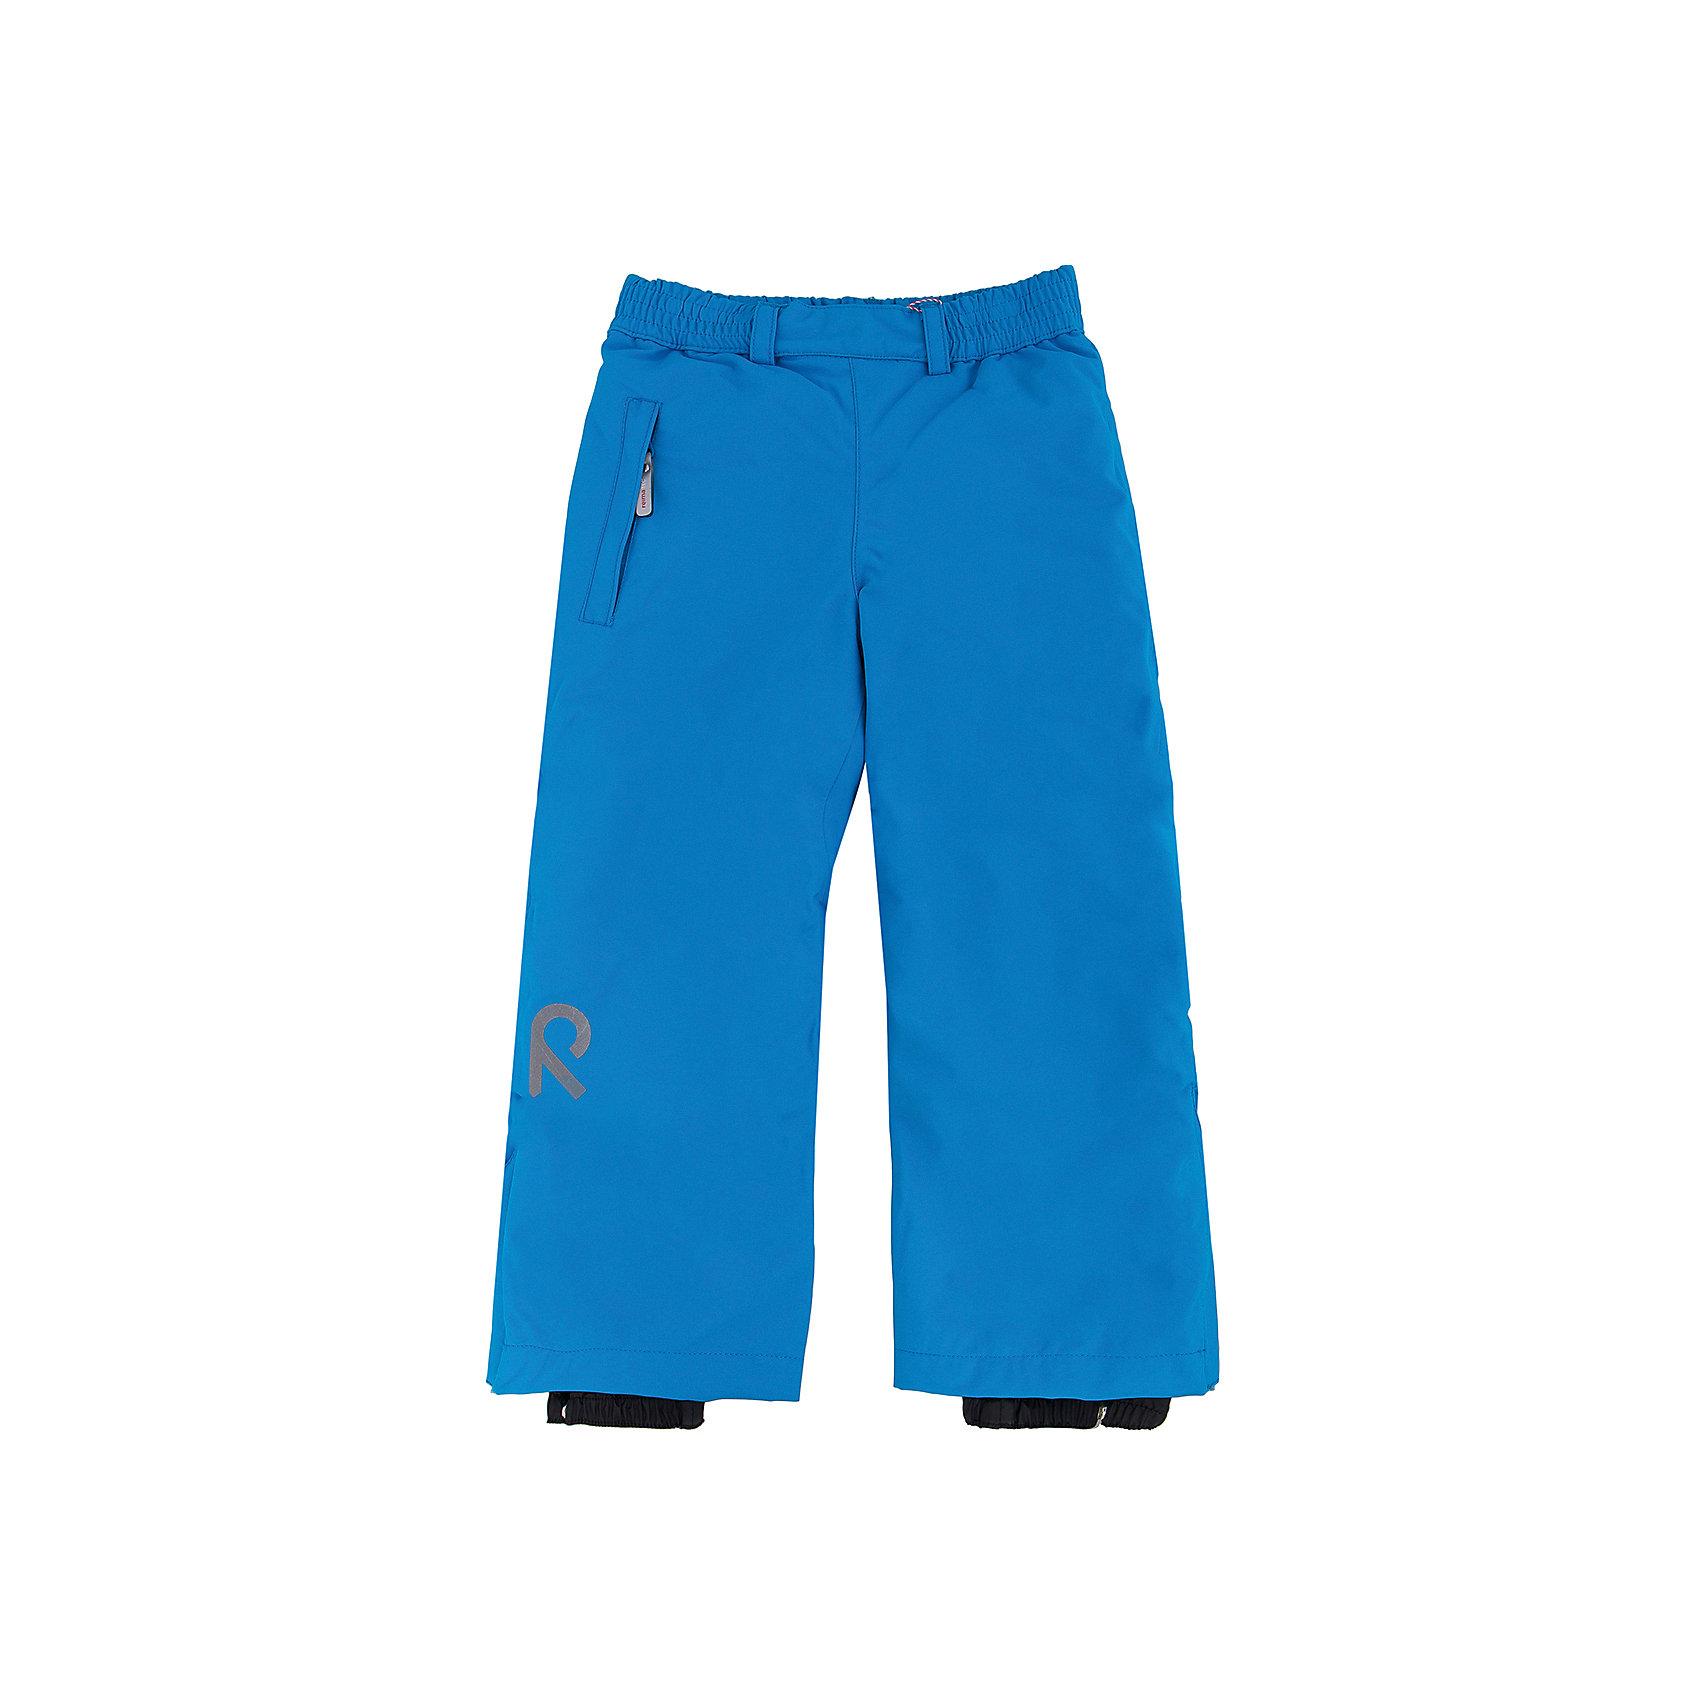 Брюки Reimatec ReimaОдежда<br>Брюки Reima (Рейма), голубой от известного финского производителя детской одежды Reima. Зимние брюки выполнены из полиамида с полиуретановым покрытием, обладают высокой износоустойчивостью, воздухопроницаемыми, ветрозащитными, водооталкивающими и грязеотталкивающими свойствами. Изделие устойчиво к изменению формы и цвета даже при длительном использовании. Силуэт изделия имеет классическую форму: прямые брюки с высокой посадкой, регулируемый по ширине пояс делают изделие особо комфортным для активного отдыха и прогулок.  С правого бока имеется втачной карман  на молнии. У брюк все швы проклеенные, снизу брючин предусмотрена регулировка по ширине и блокировка на кнопках от попадания снега. Зимние брюки от Reima  можно носить при температуре до - 20 градусов.    <br><br>Дополнительная информация:<br><br>- Предназначение: повседневная одежда для прогулок и активного отдыха<br>- Цвет: голубой<br>- Пол: для девочки/для мальчика<br>- Состав: 100% полиамид, полиуретановое покрытие<br>- Сезон: зима<br>- Особенности ухода: стирать изделие, предварительно вывернув его на левую сторону, не использовать отбеливающие вещества<br><br>Подробнее:<br><br>• Для детей в возрасте: от 4 лет и до 5 лет<br>• Страна производитель: Китай<br>• Торговый бренд: Reima, Финляндия<br><br>Брюки Reima (Рейма), голубой можно купить в нашем интернет-магазине.<br><br>Ширина мм: 215<br>Глубина мм: 88<br>Высота мм: 191<br>Вес г: 336<br>Цвет: голубой<br>Возраст от месяцев: 48<br>Возраст до месяцев: 60<br>Пол: Унисекс<br>Возраст: Детский<br>Размер: 110,116,128,140,134,122<br>SKU: 4653858